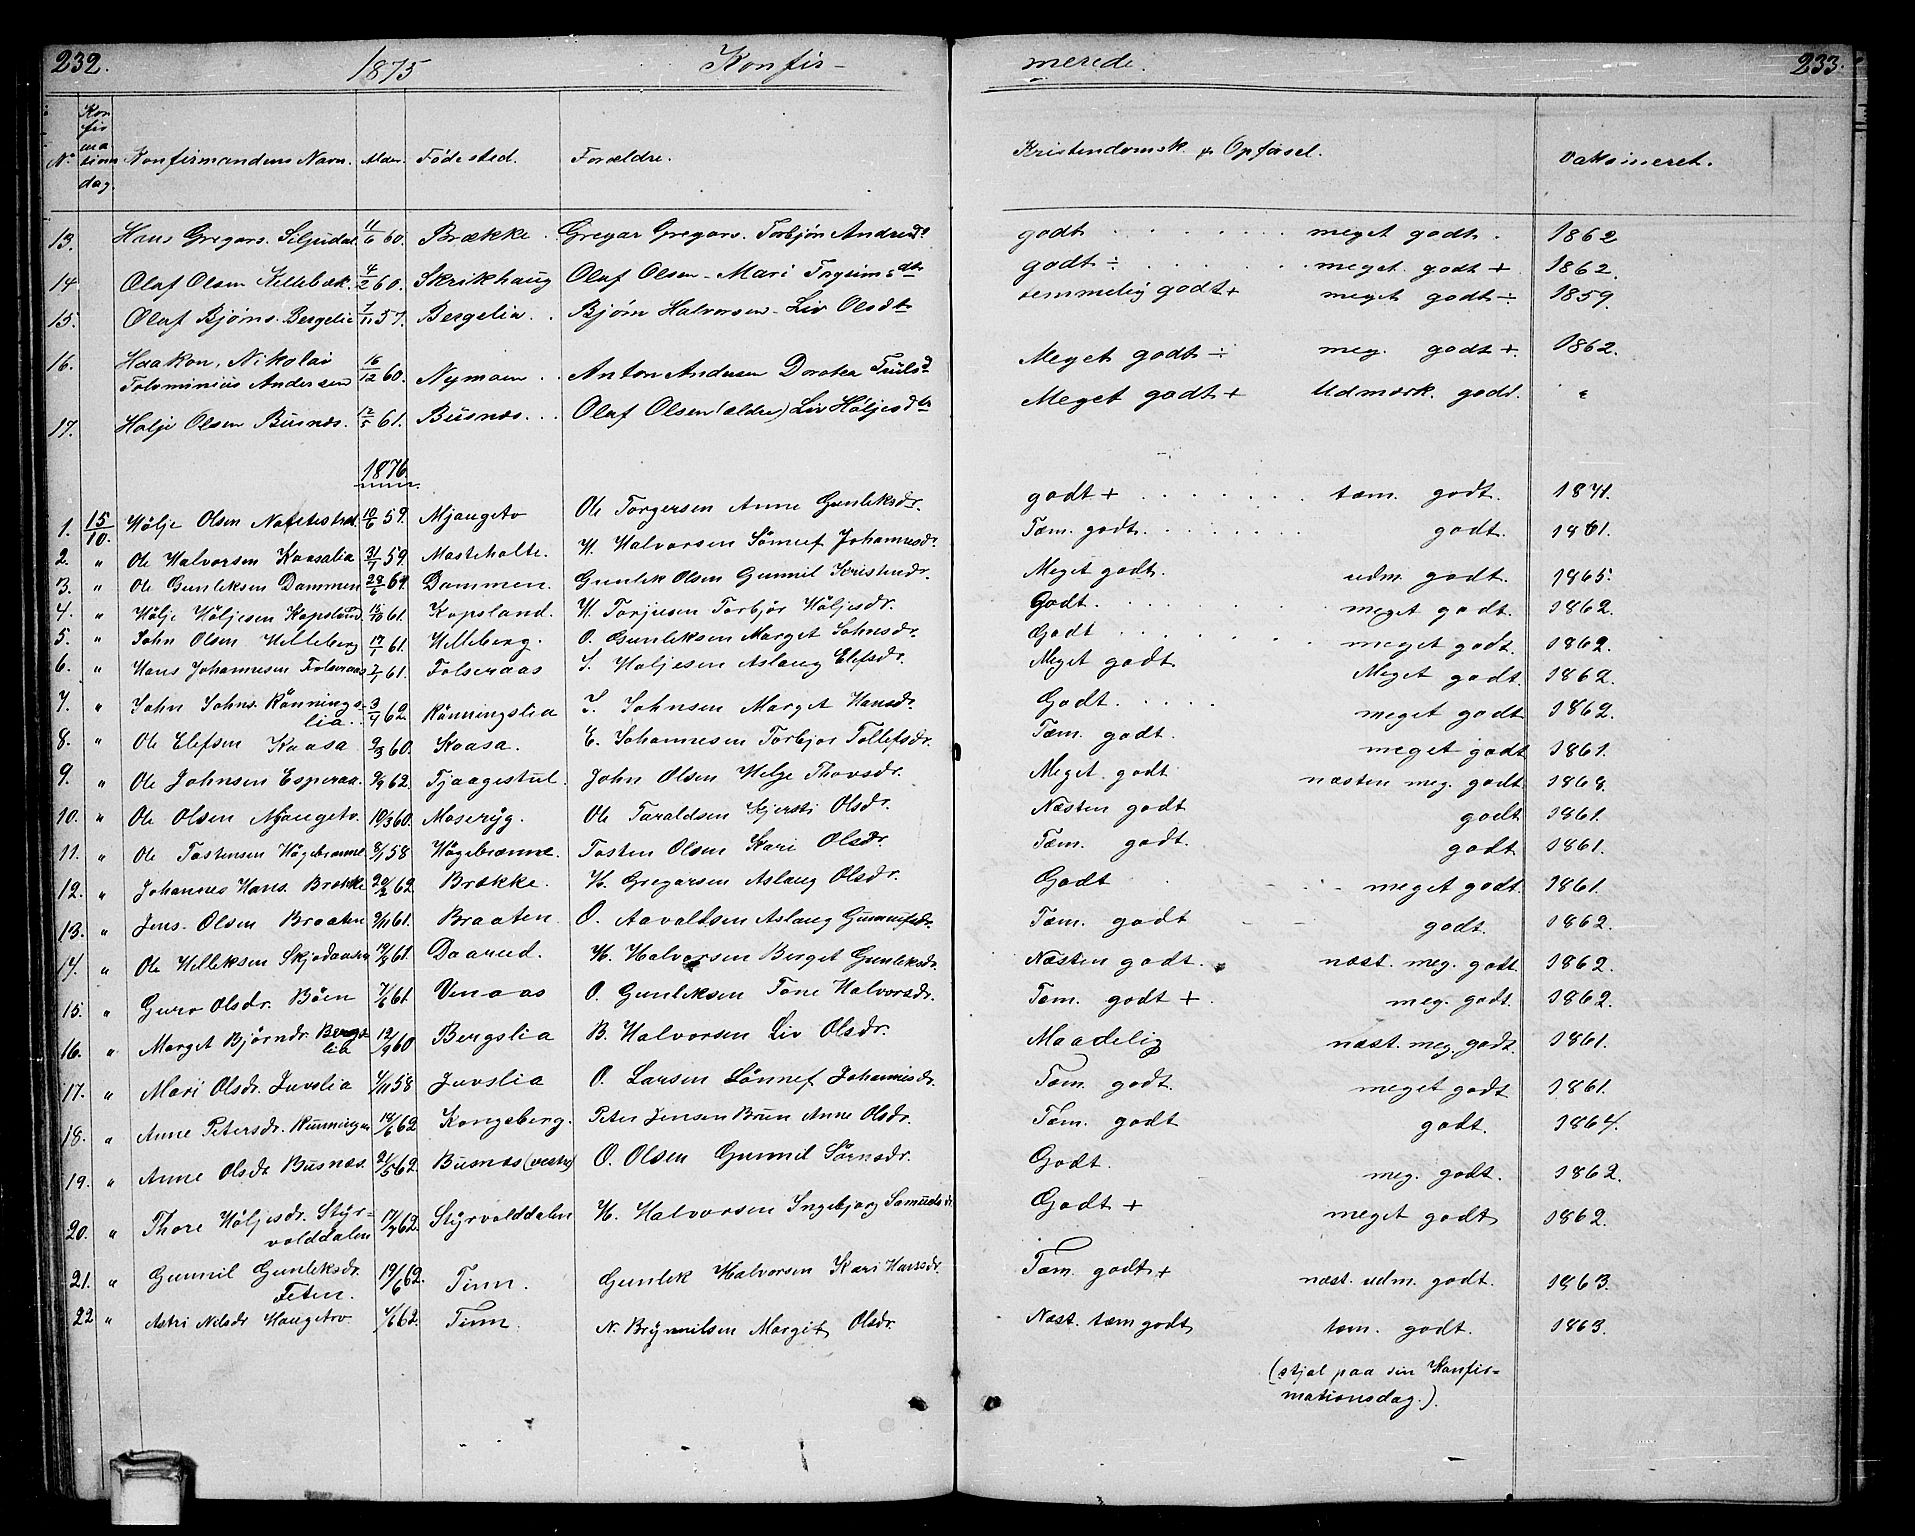 SAKO, Gransherad kirkebøker, G/Ga/L0002: Klokkerbok nr. I 2, 1854-1886, s. 232-233